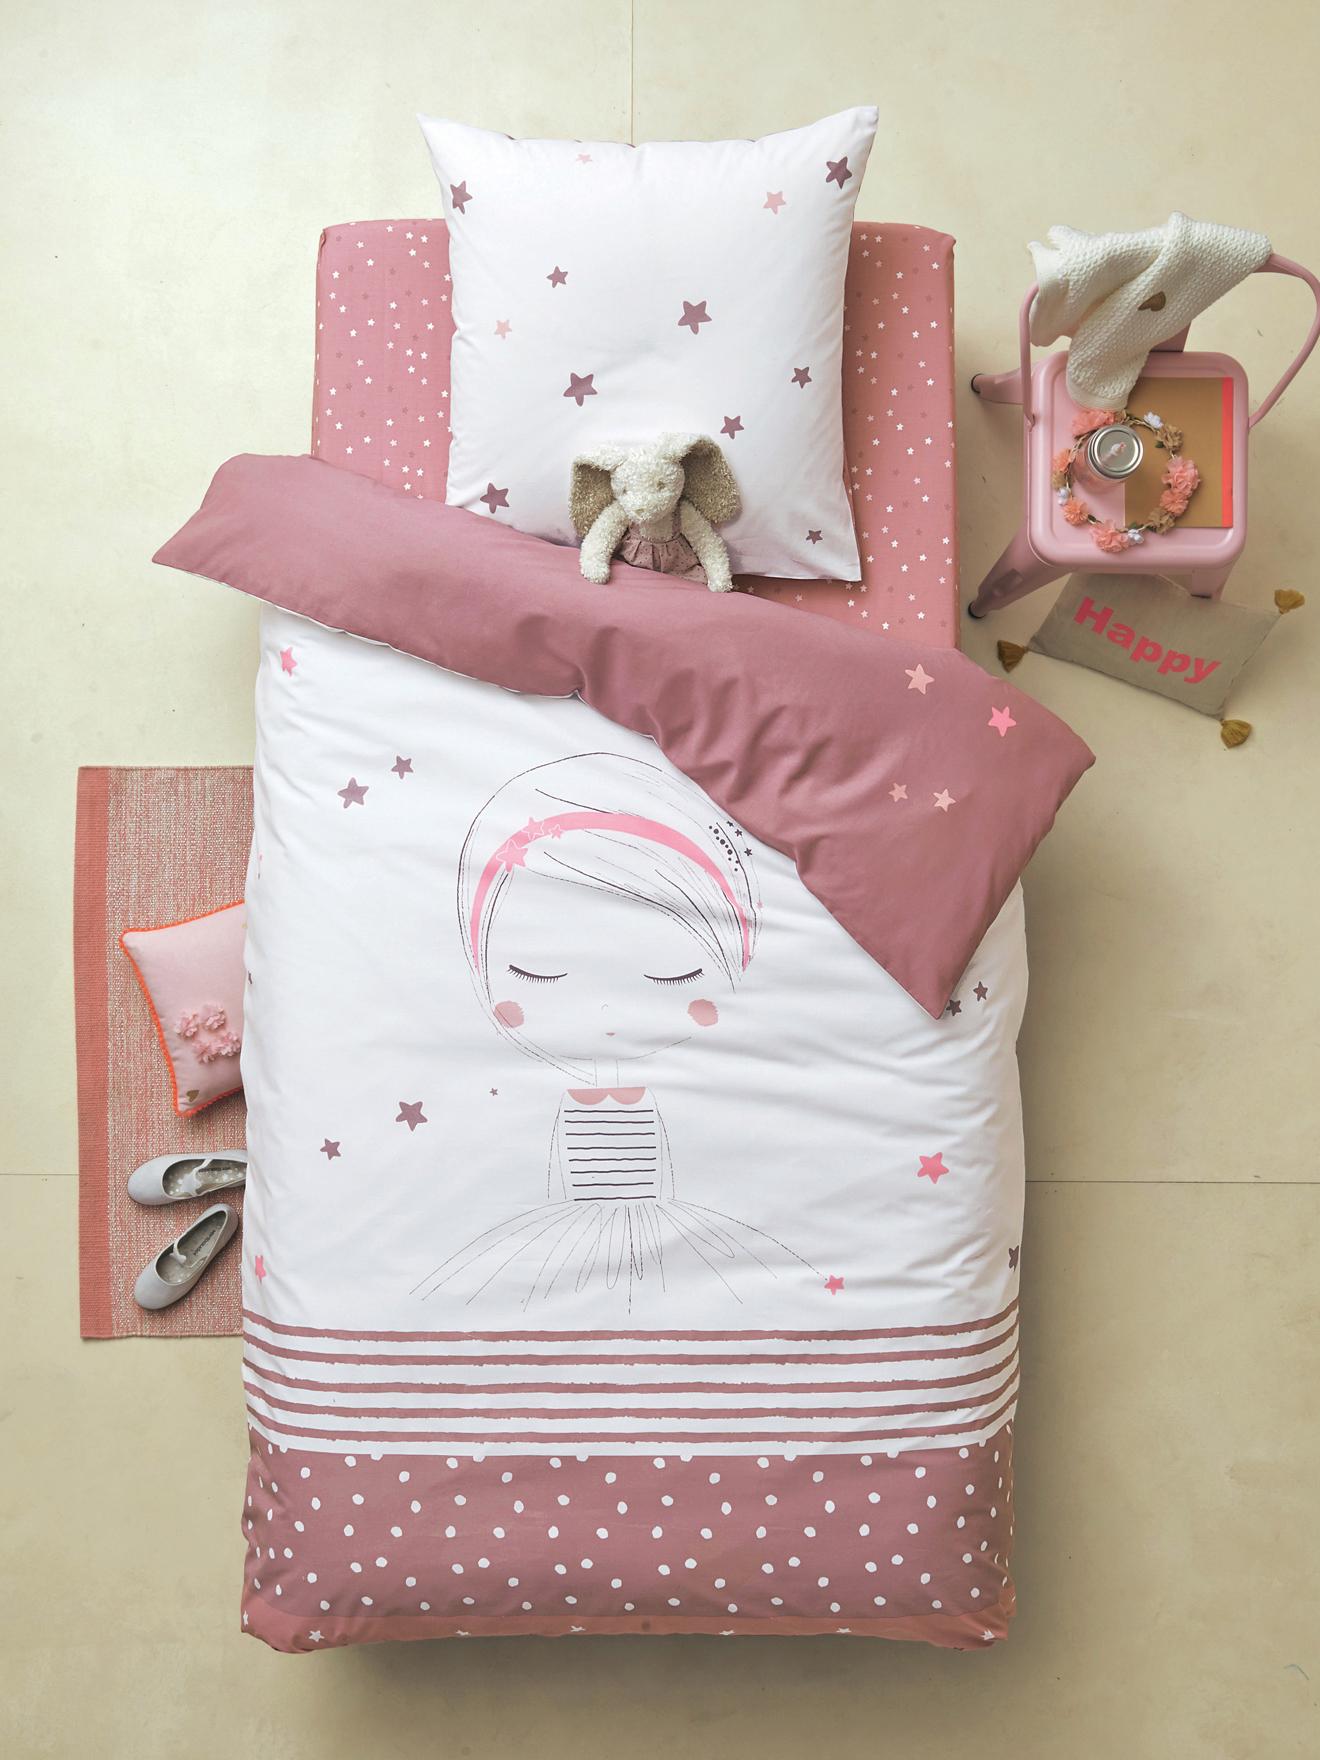 parure r versible housse de couette taie d 39 oreiller enfant petite r veuse blanc parme vertbaudet. Black Bedroom Furniture Sets. Home Design Ideas